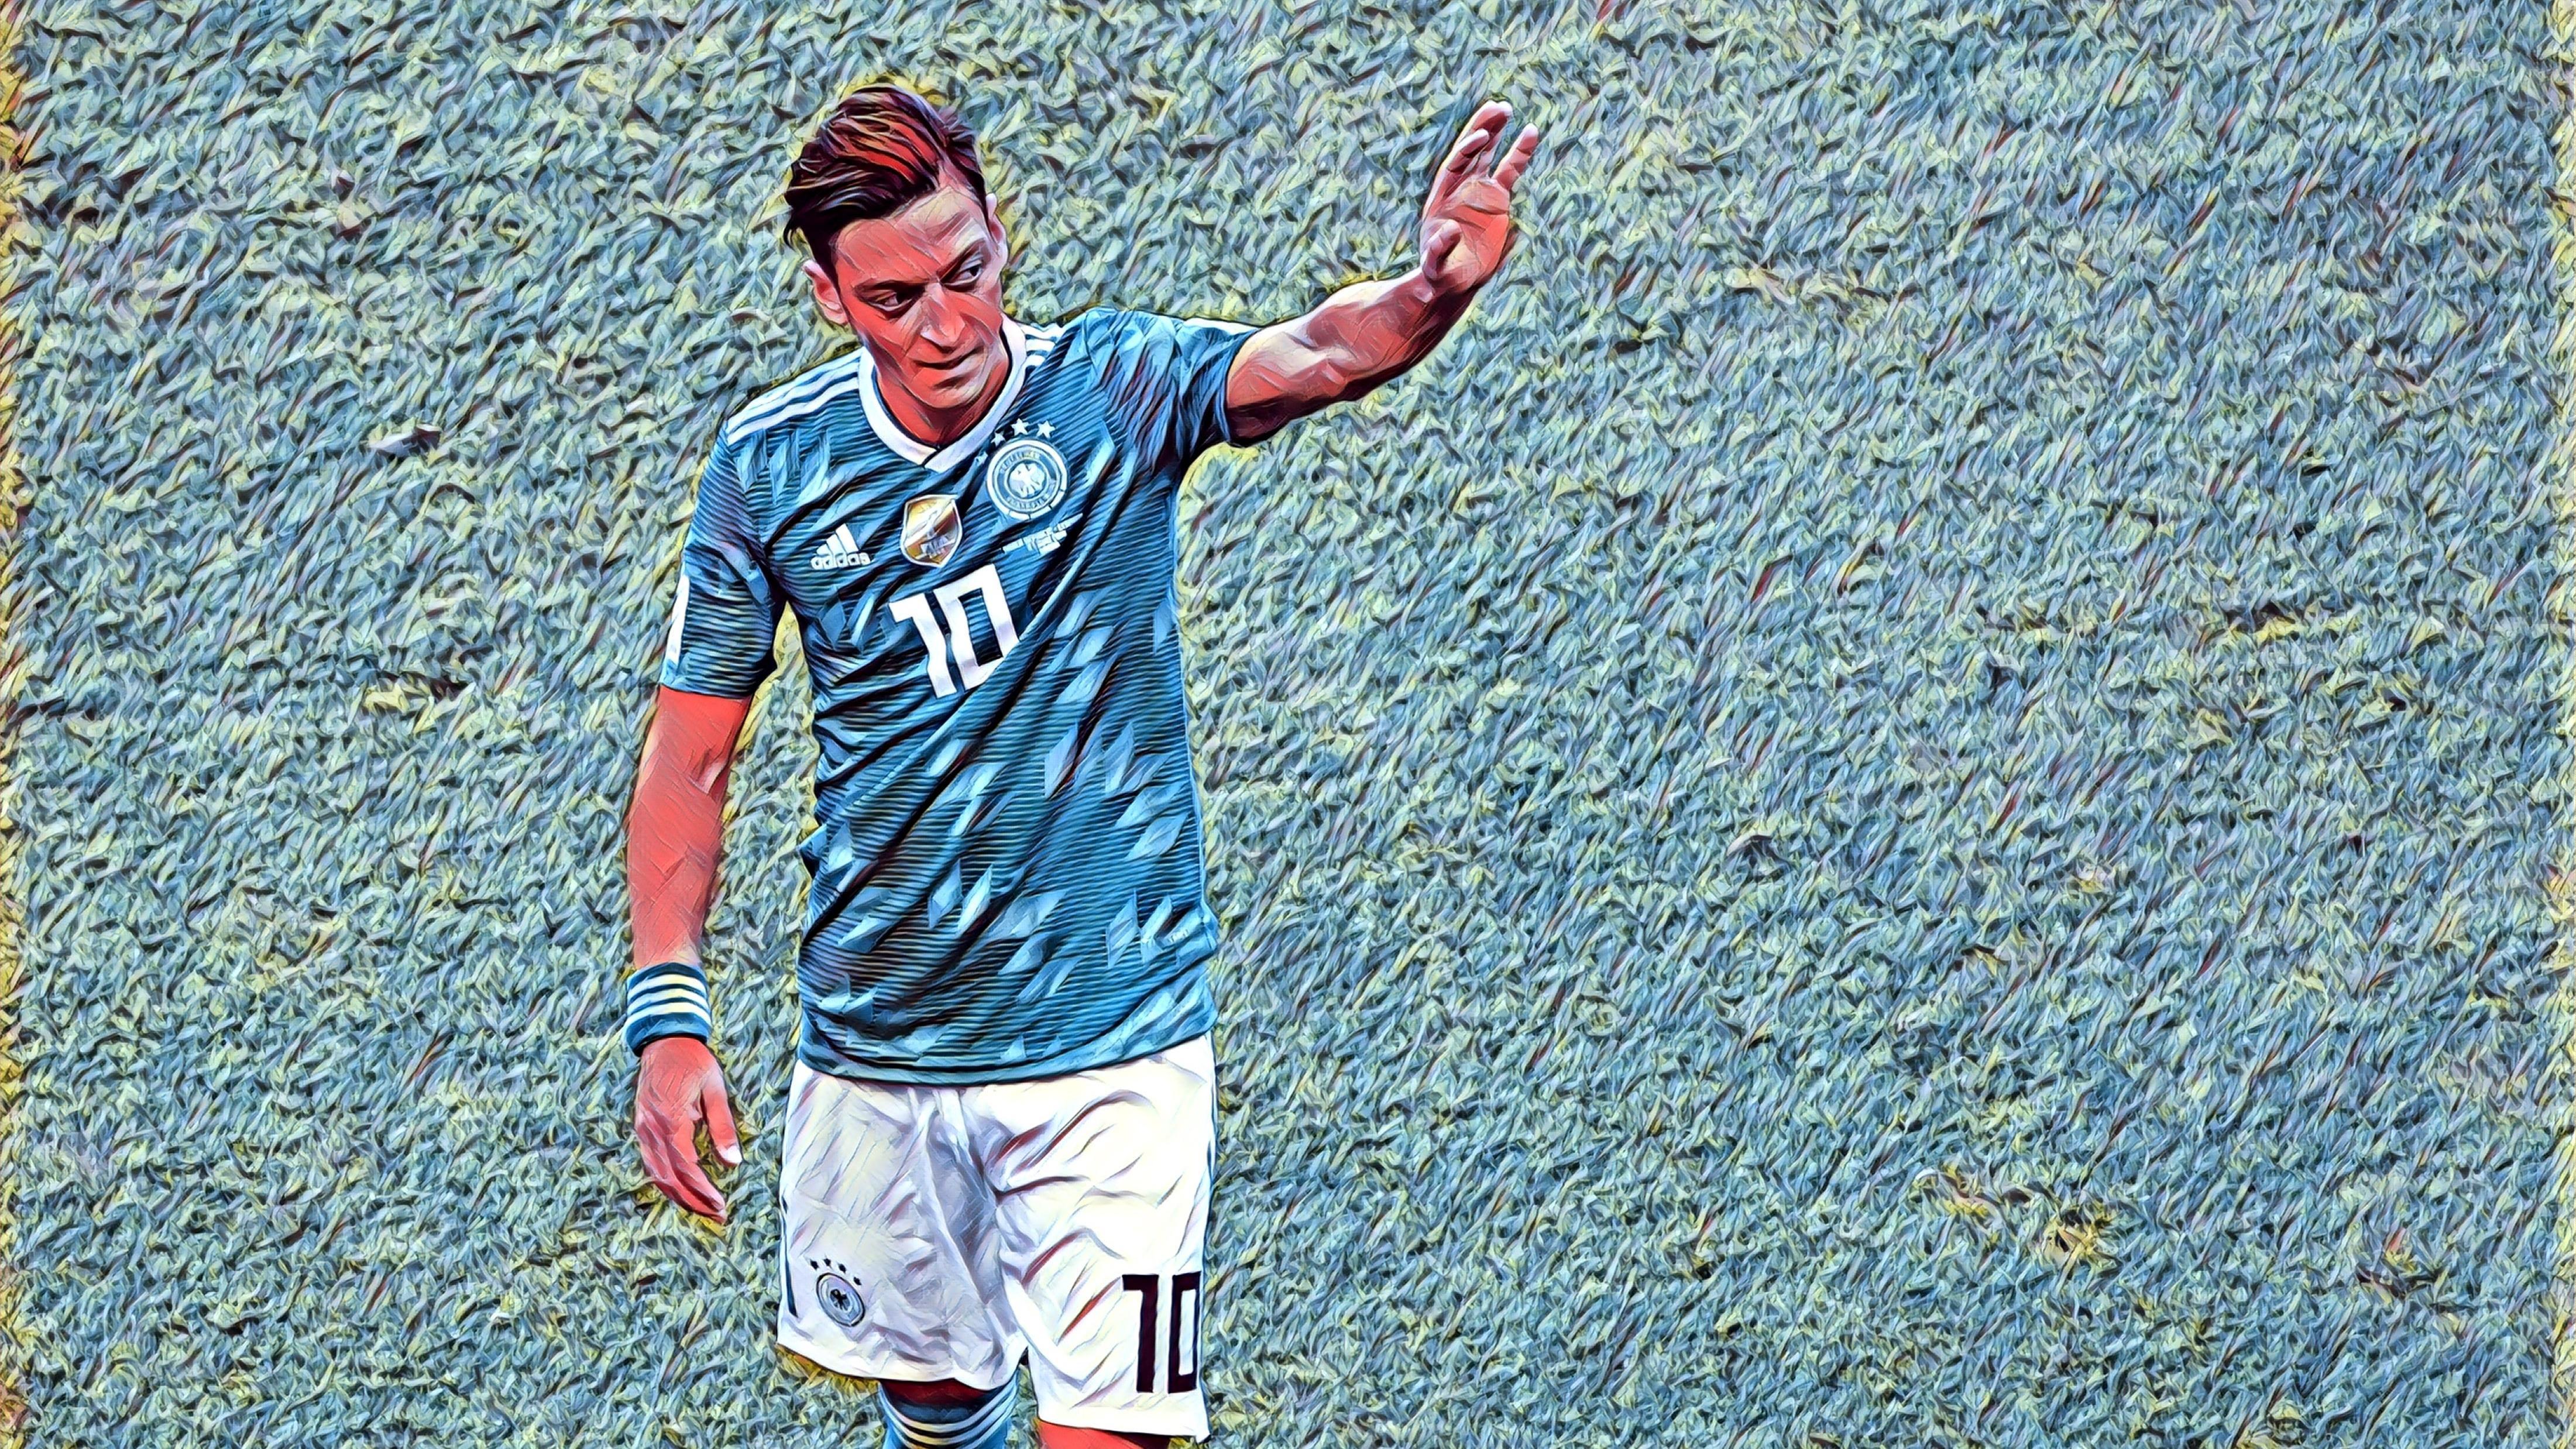 Verließ die deutsche Nationalmannschaft mit Rassismus-Vorwürfen: Mesut Özil beim Spiel gegen Südkorea während der WM in Russland 2018.